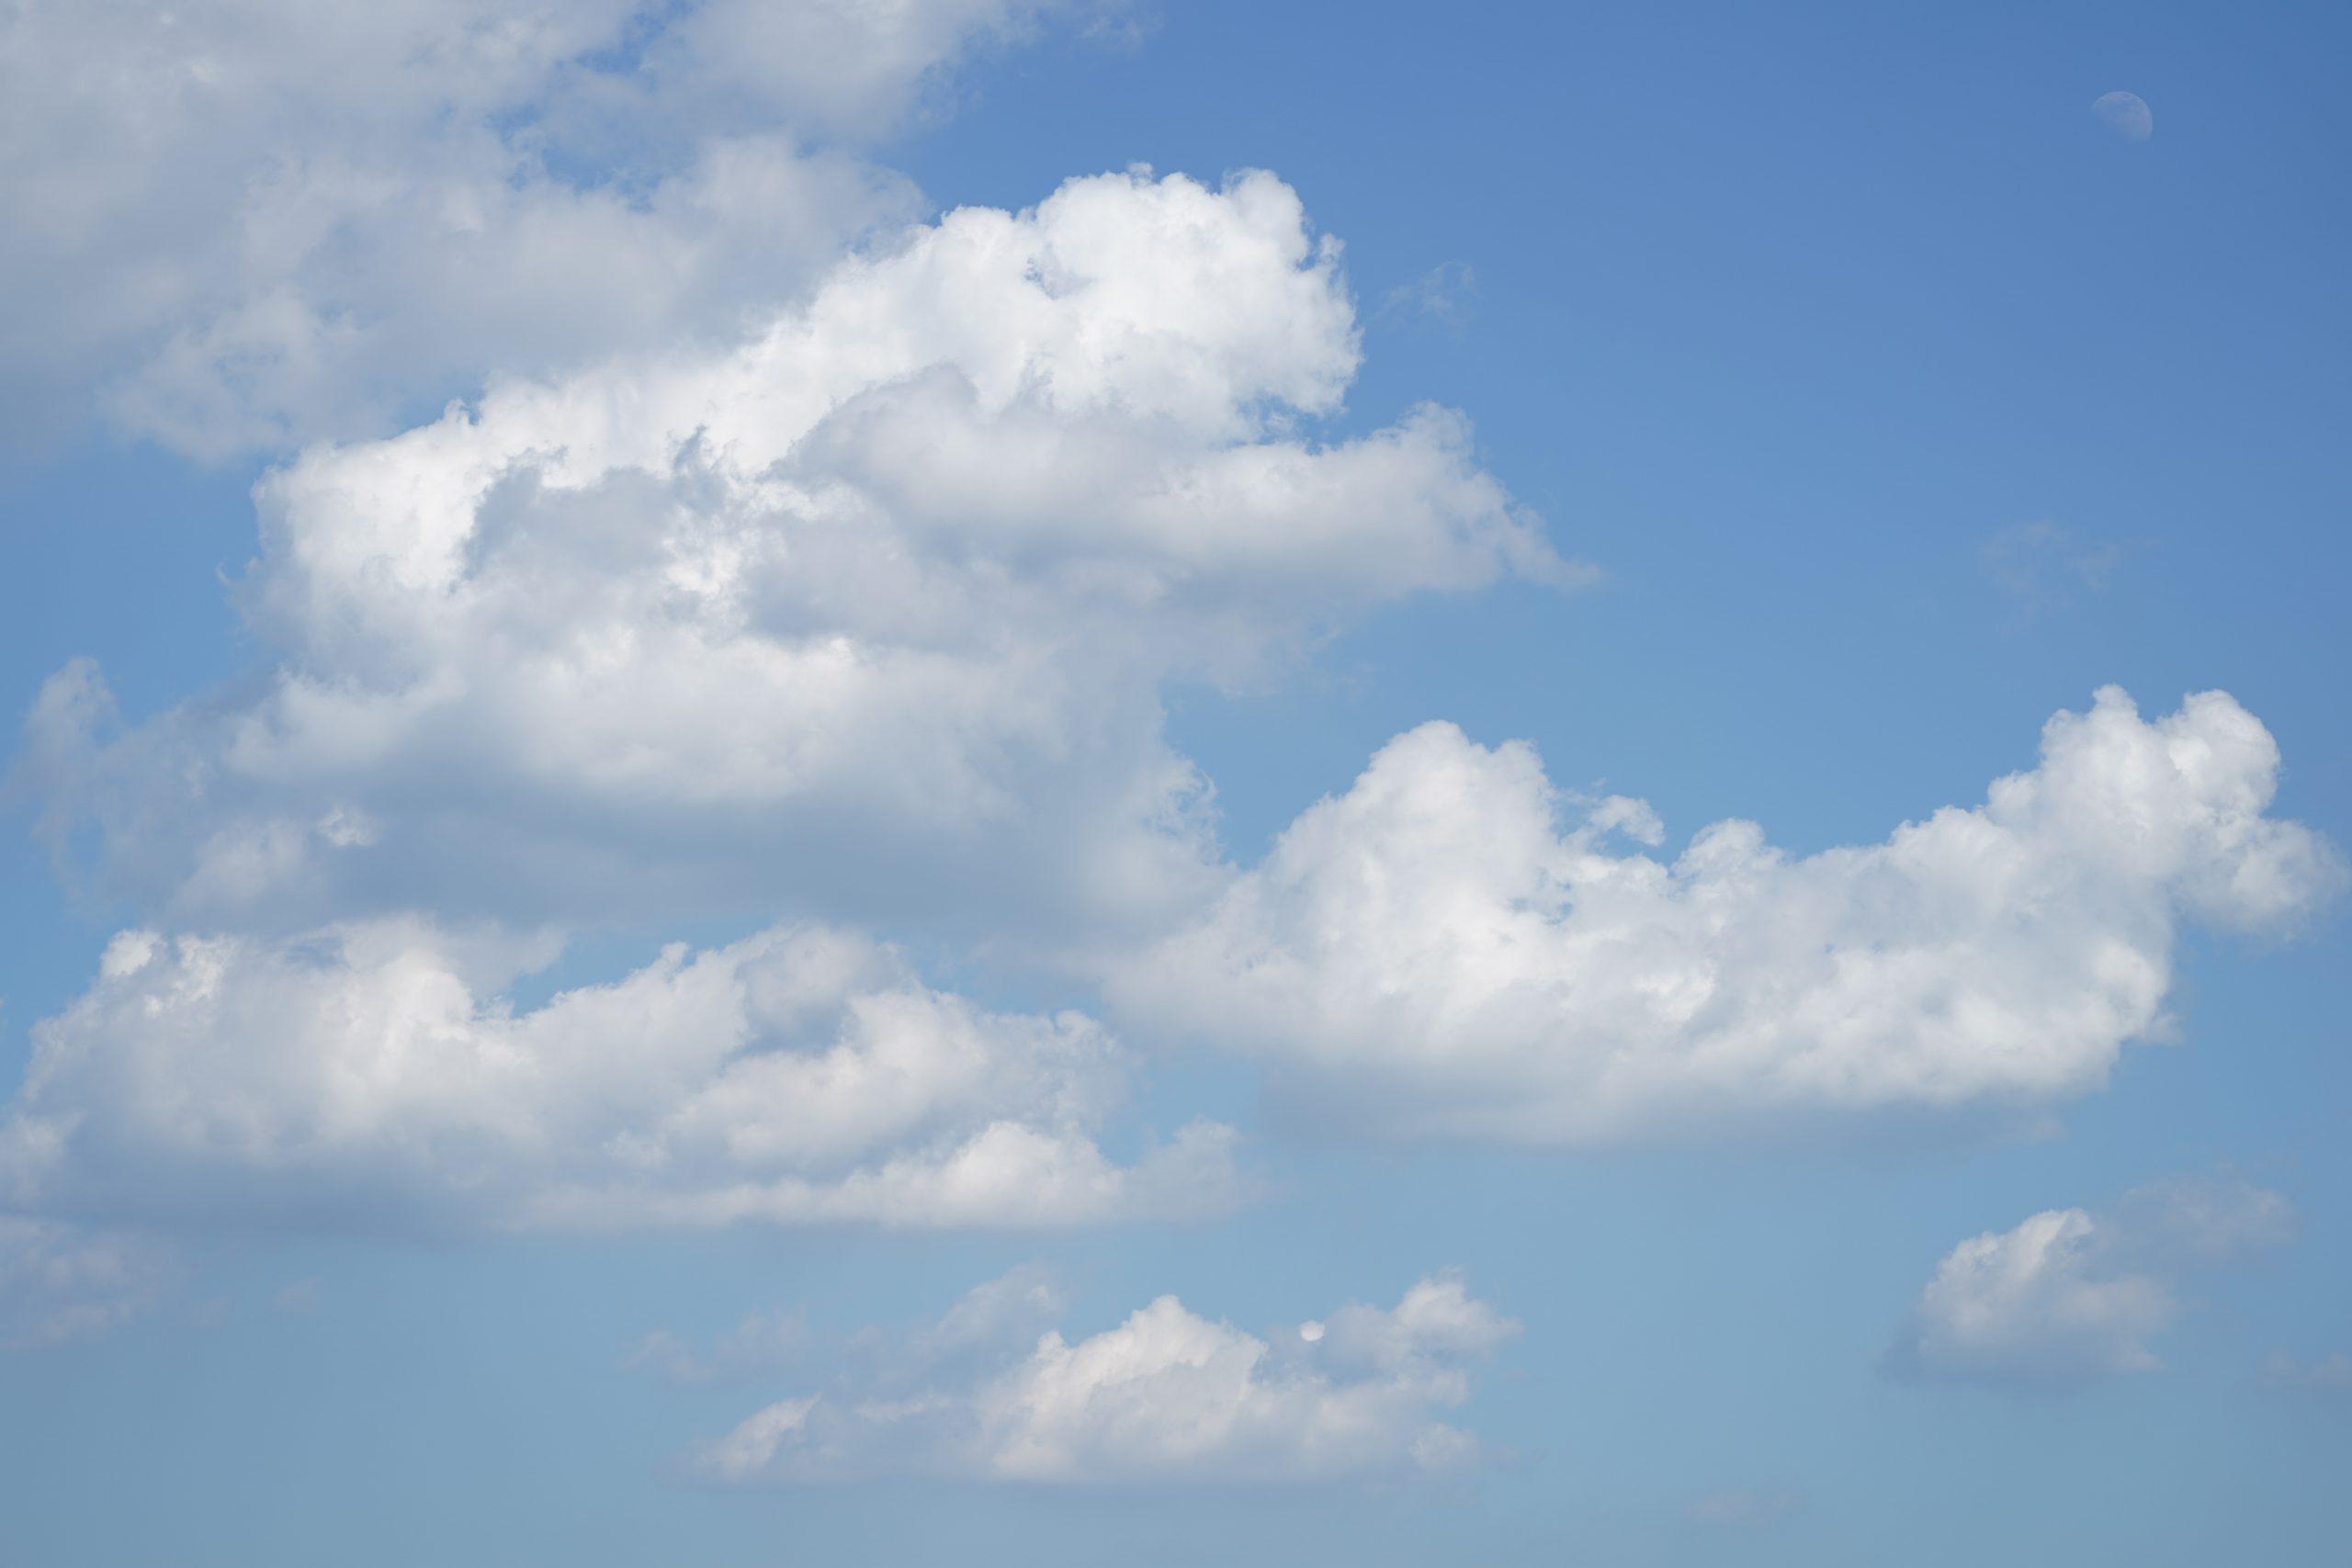 【SONY】望遠レンズで撮る夏の景色